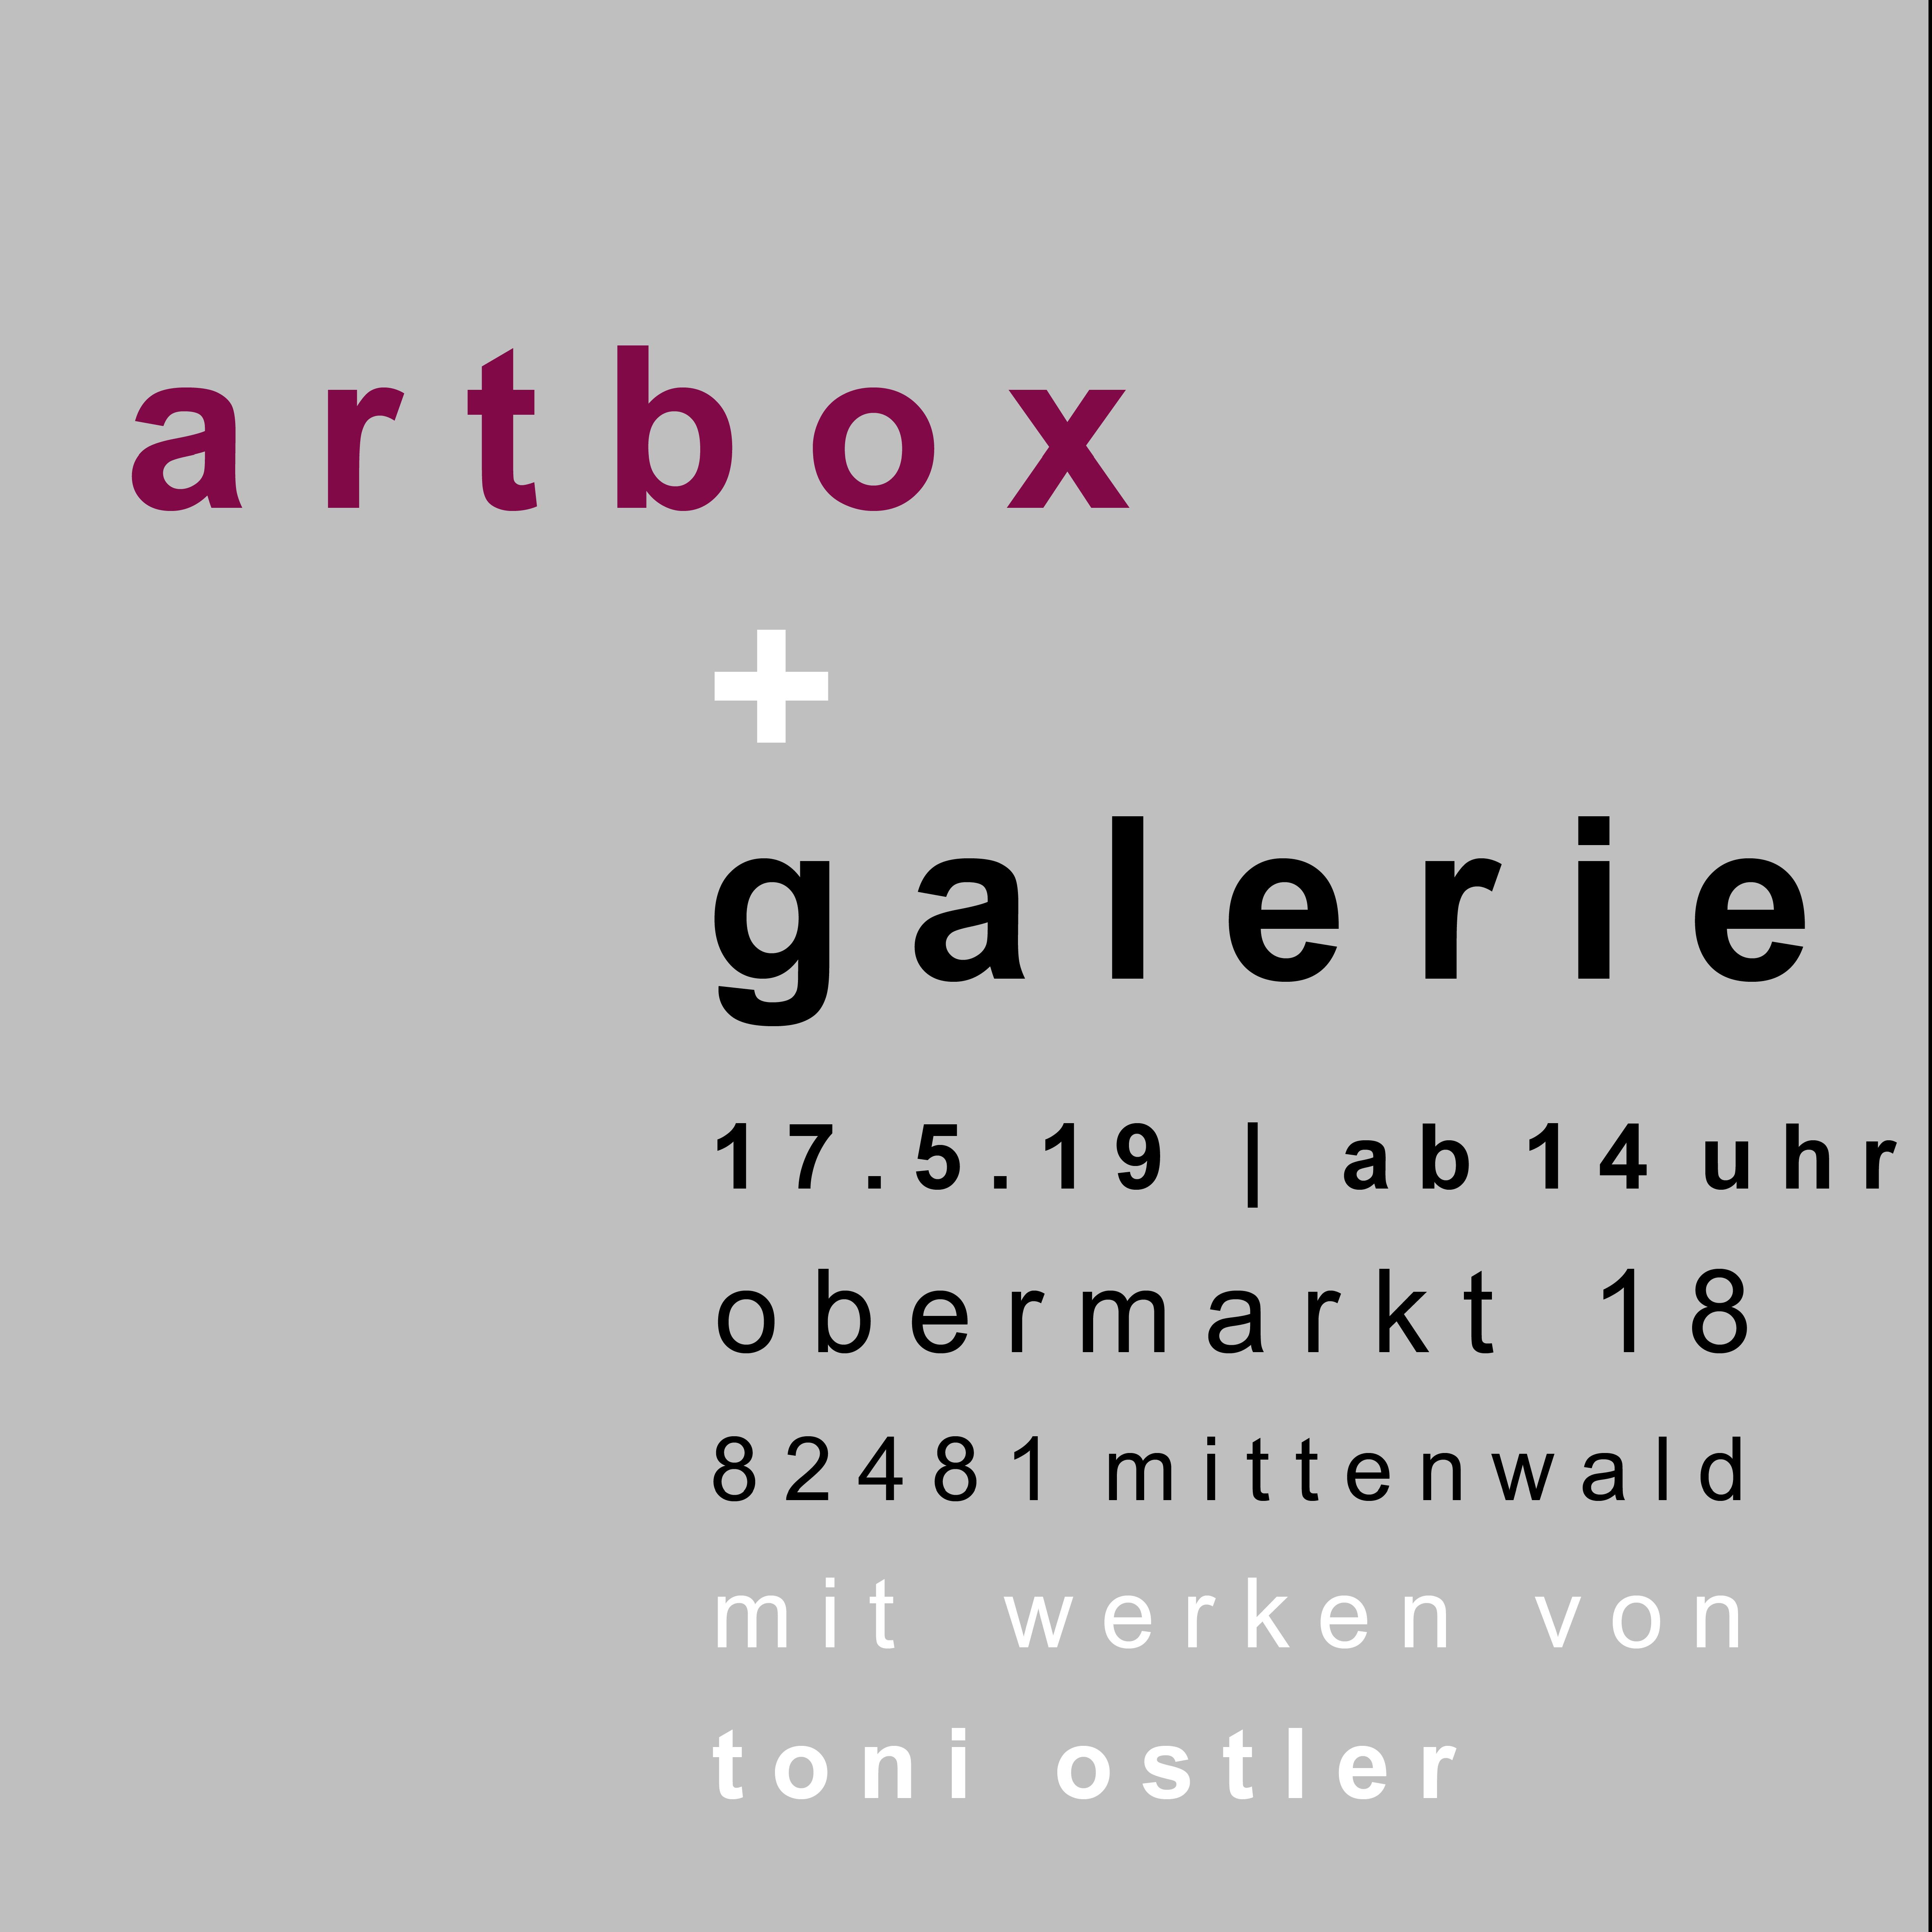 Eröffnung der Artbox & Lifestyle Galerie